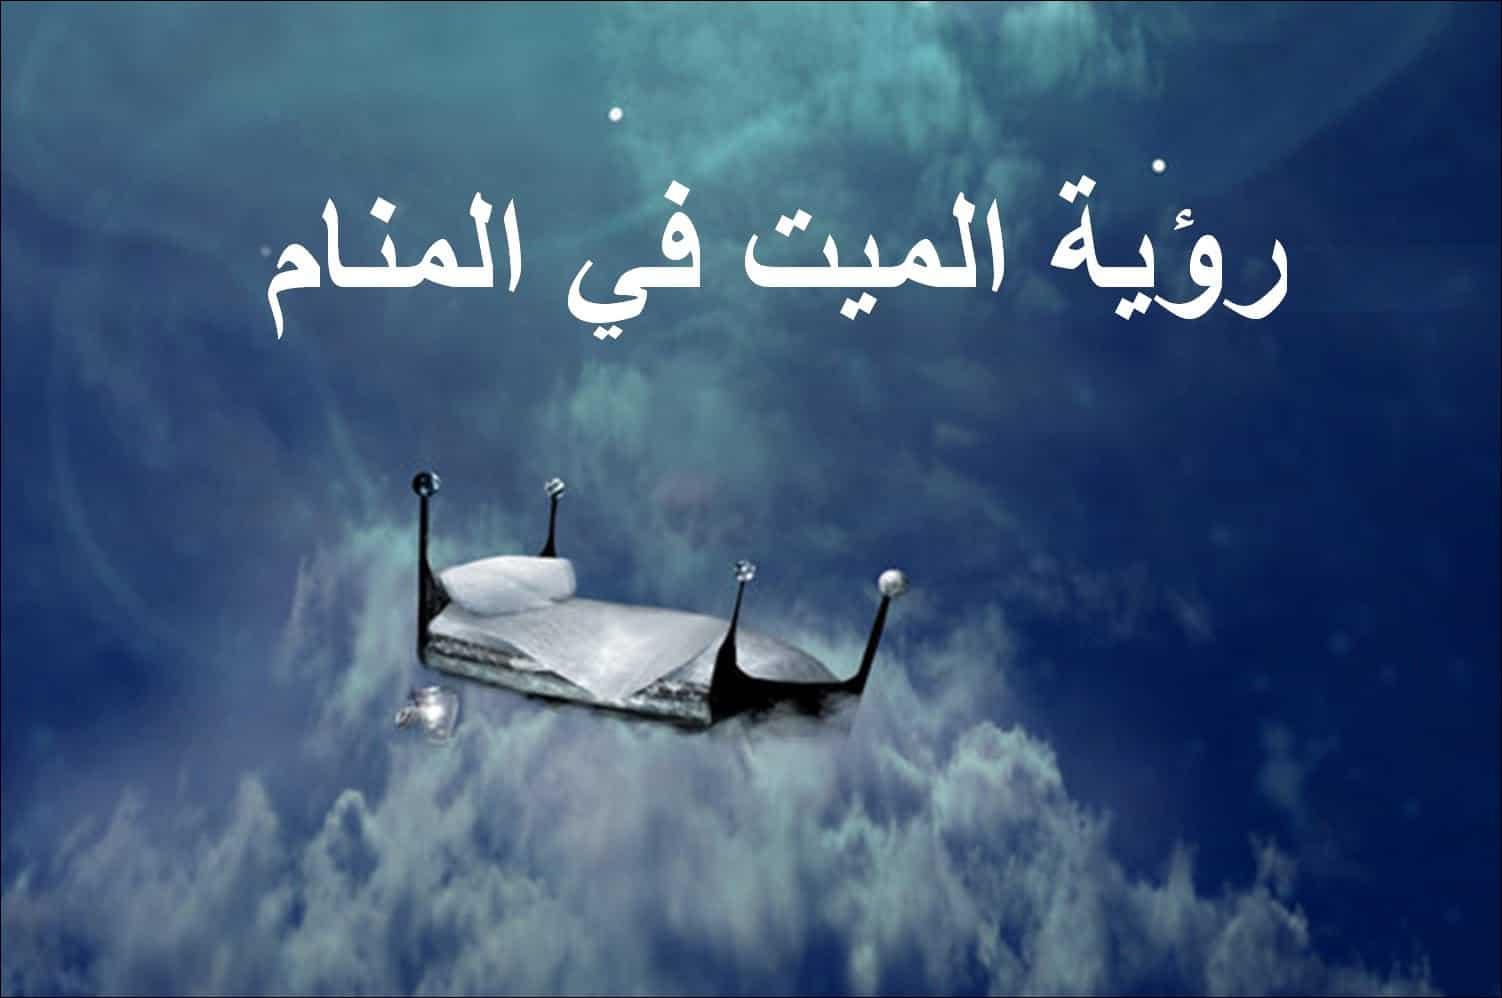 بالصور تفسير حلم الموت , شرح الحلم بالوفاه 4879 1